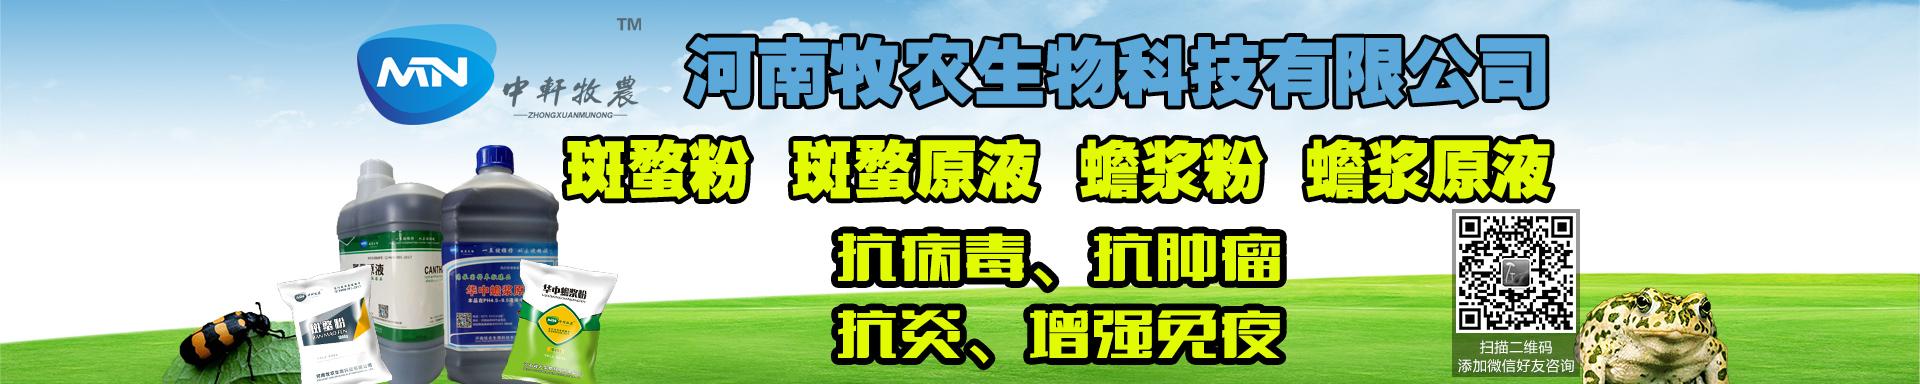 河南牧农生物科技有限公司